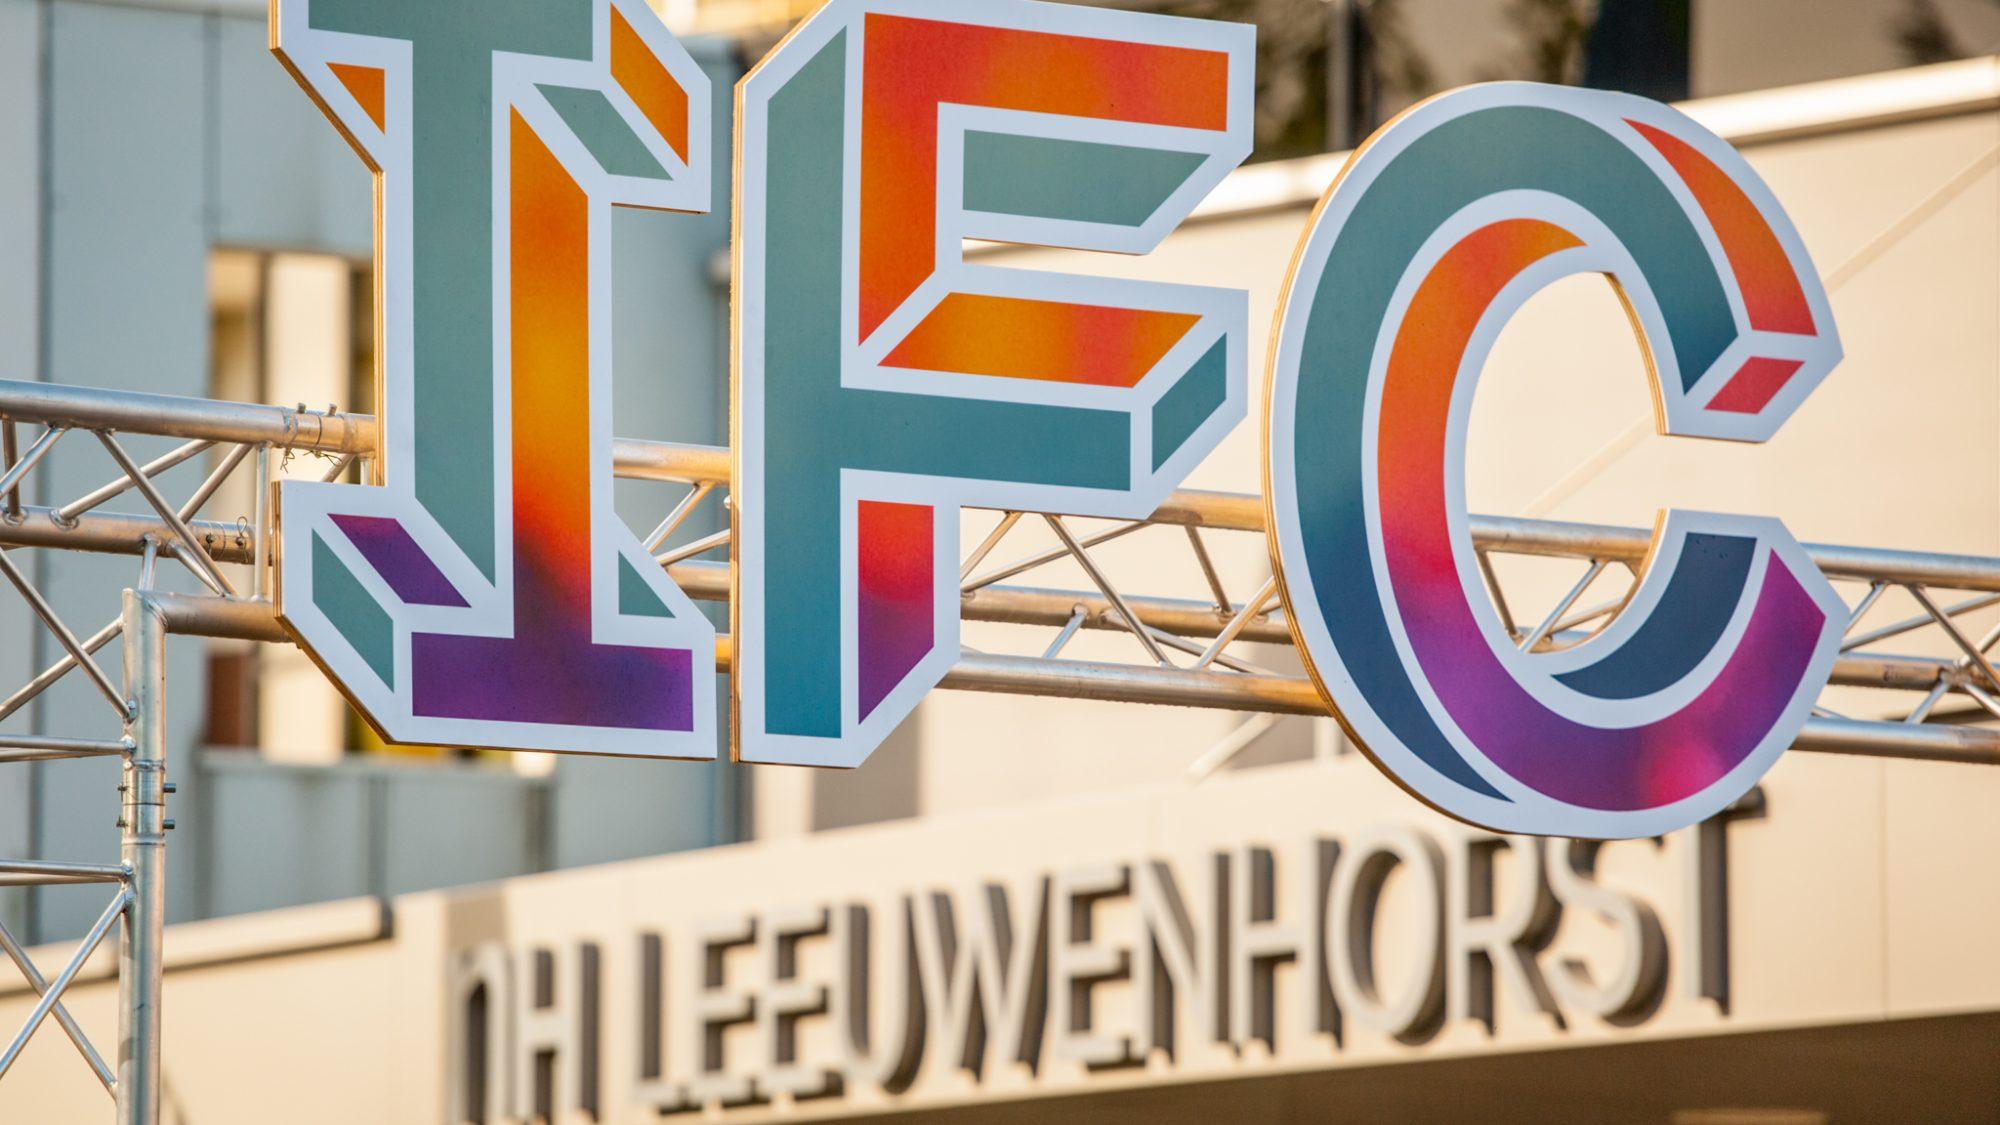 IFC Netherlands